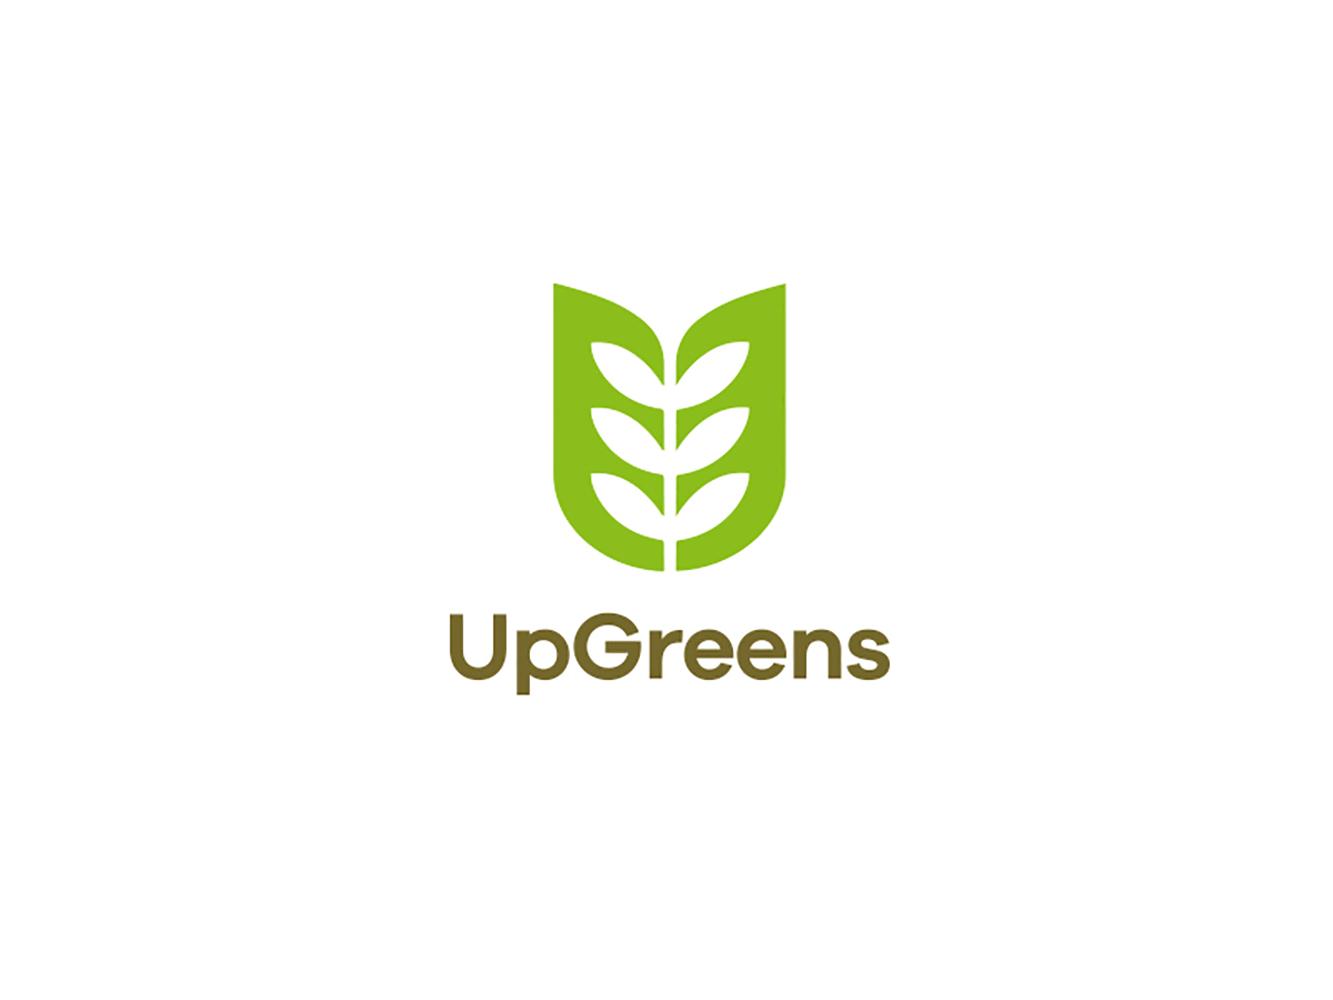 UpGreens